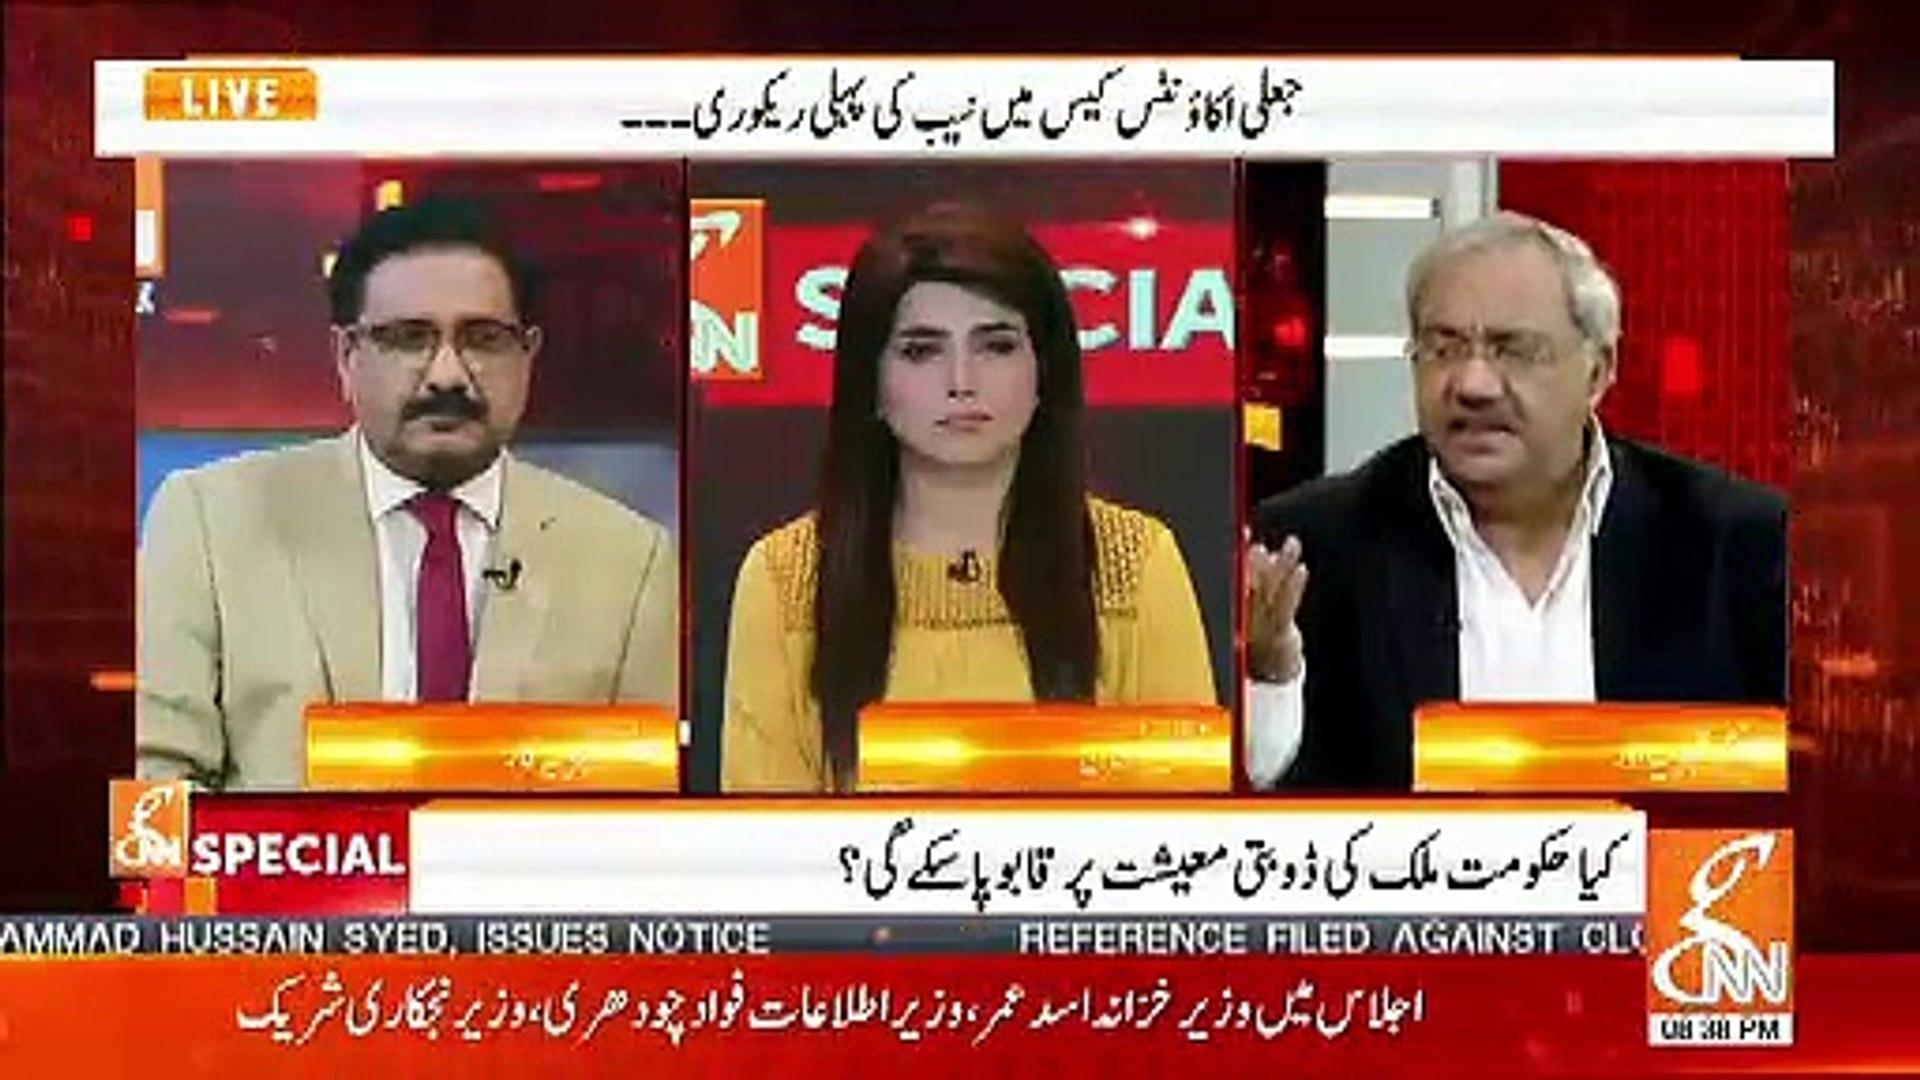 Bilawal, Zardari. Nawaz Sharif, Shahbaz Sharif Aur Saara Media Bhi Milkar Imran Khan Ka Kuch Nahi Bi